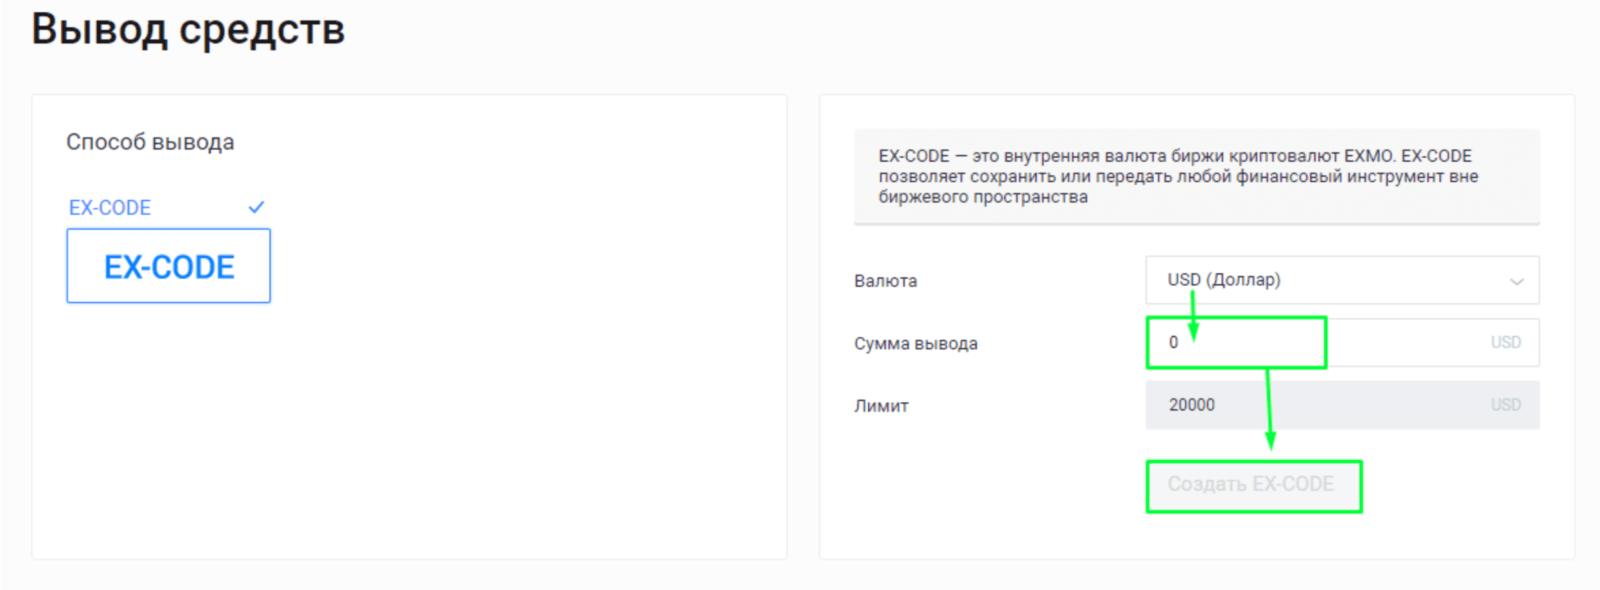 Купить эксмо код - exmo быстро и выгодно